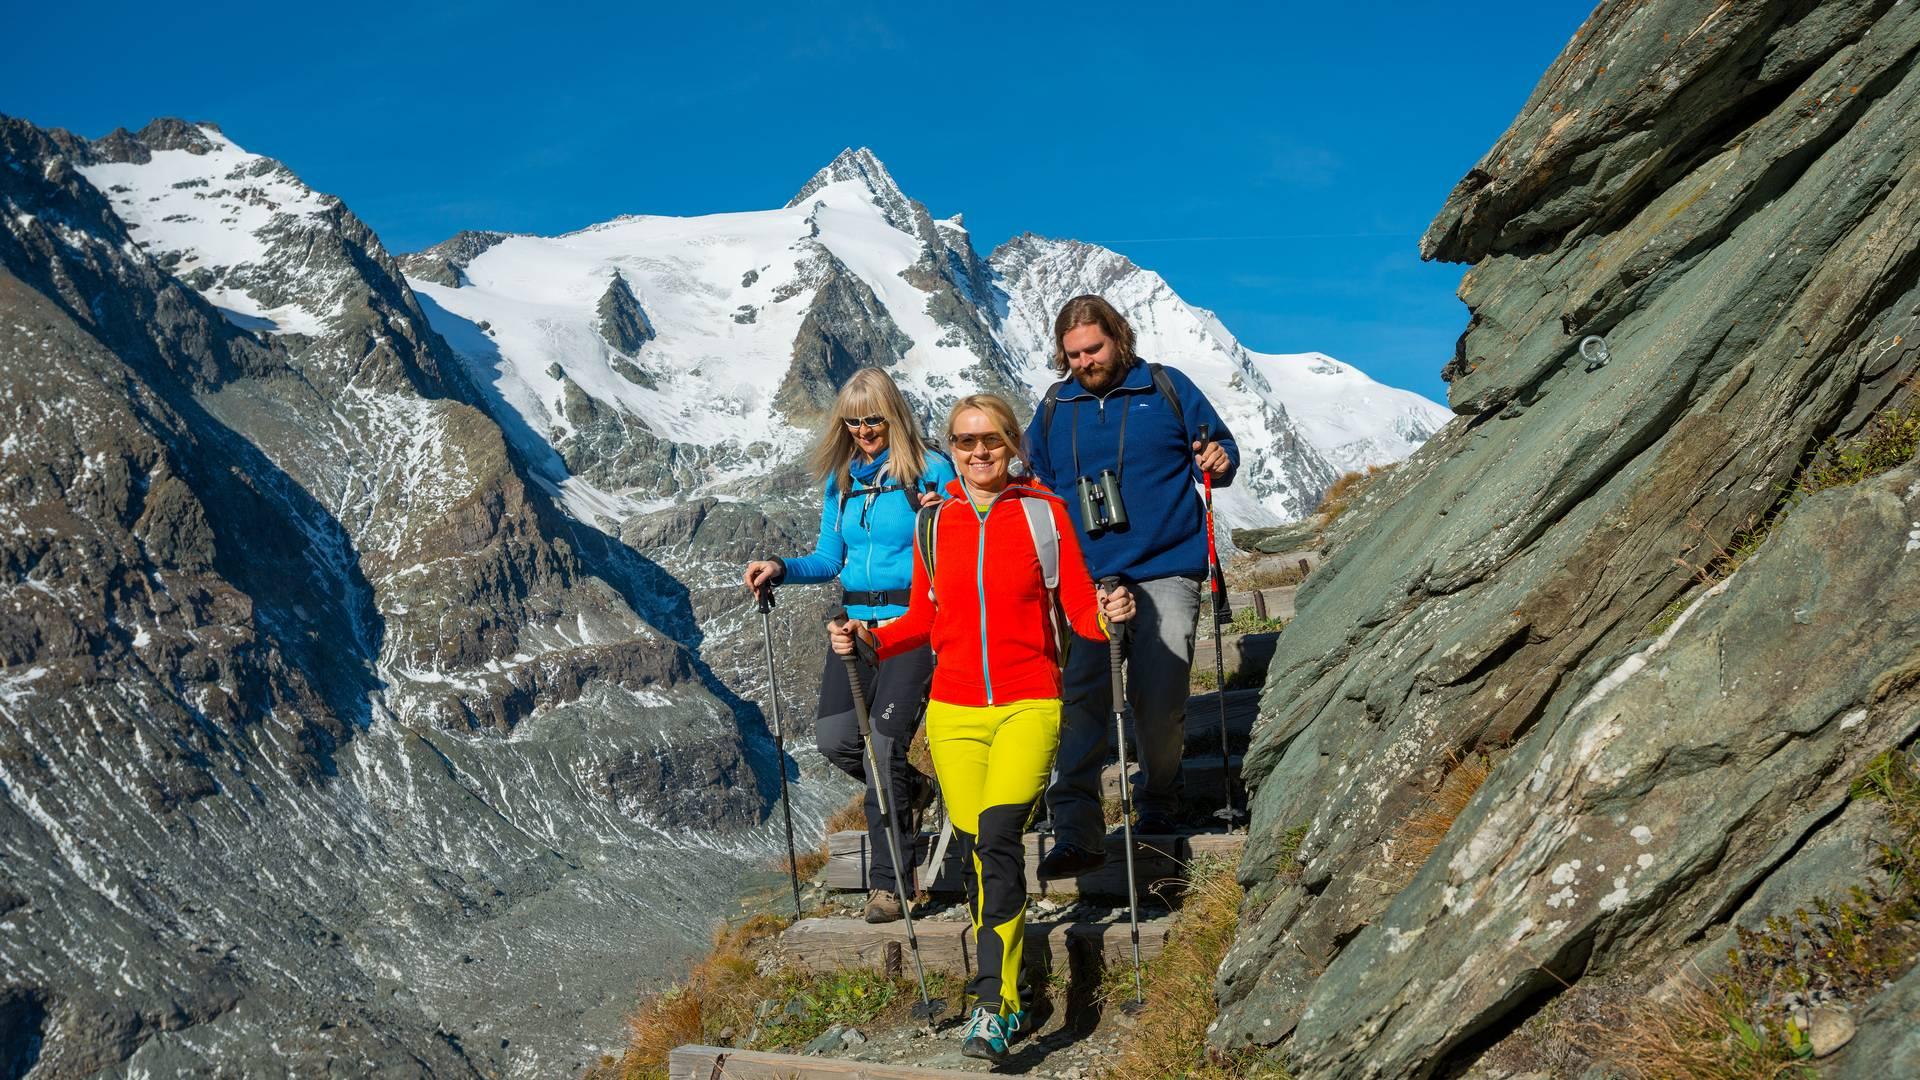 Wandern im Angesicht des Großglockners in der Nationalpark-Region Hohe Tauern